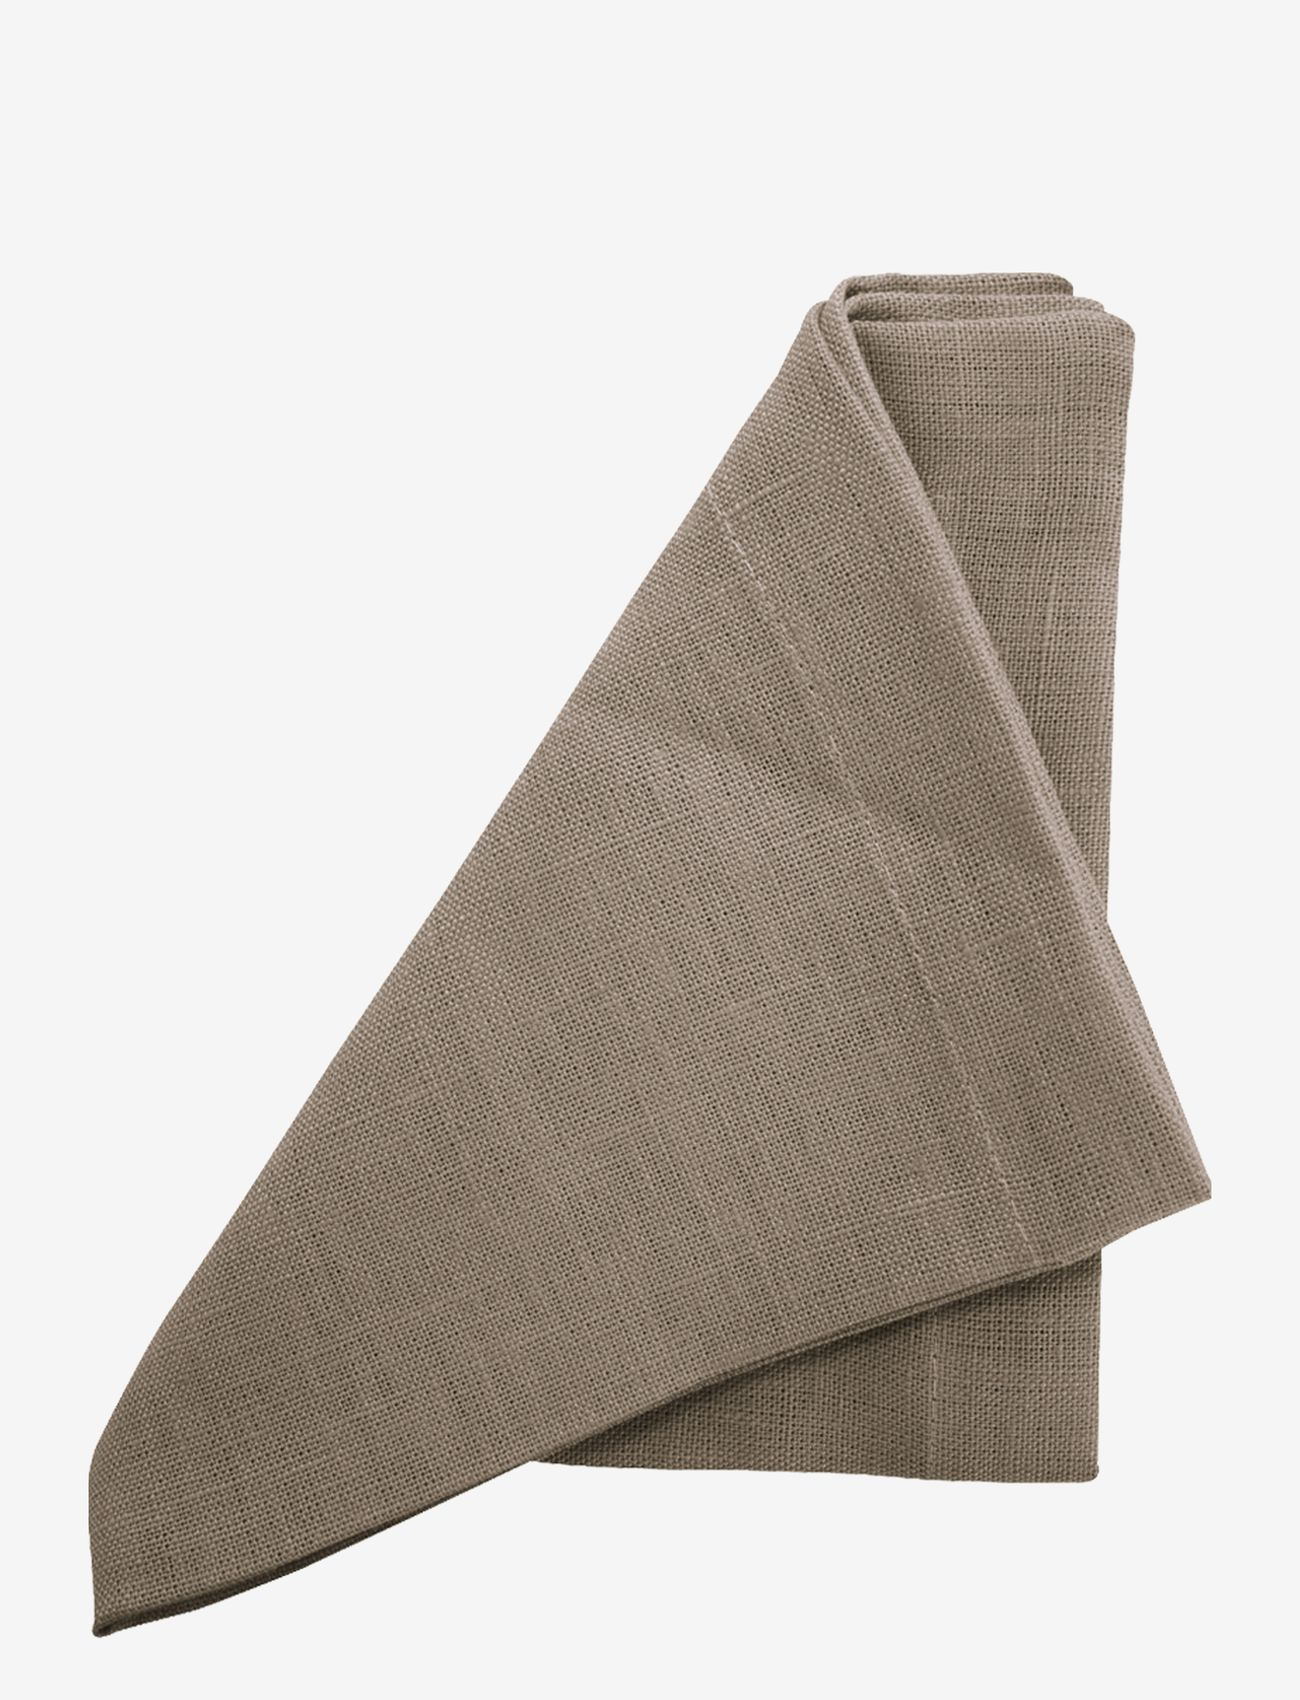 Au Maison - Napkin Linen Basic Washed (set of 4) - serveringsutstyr - natural - 0